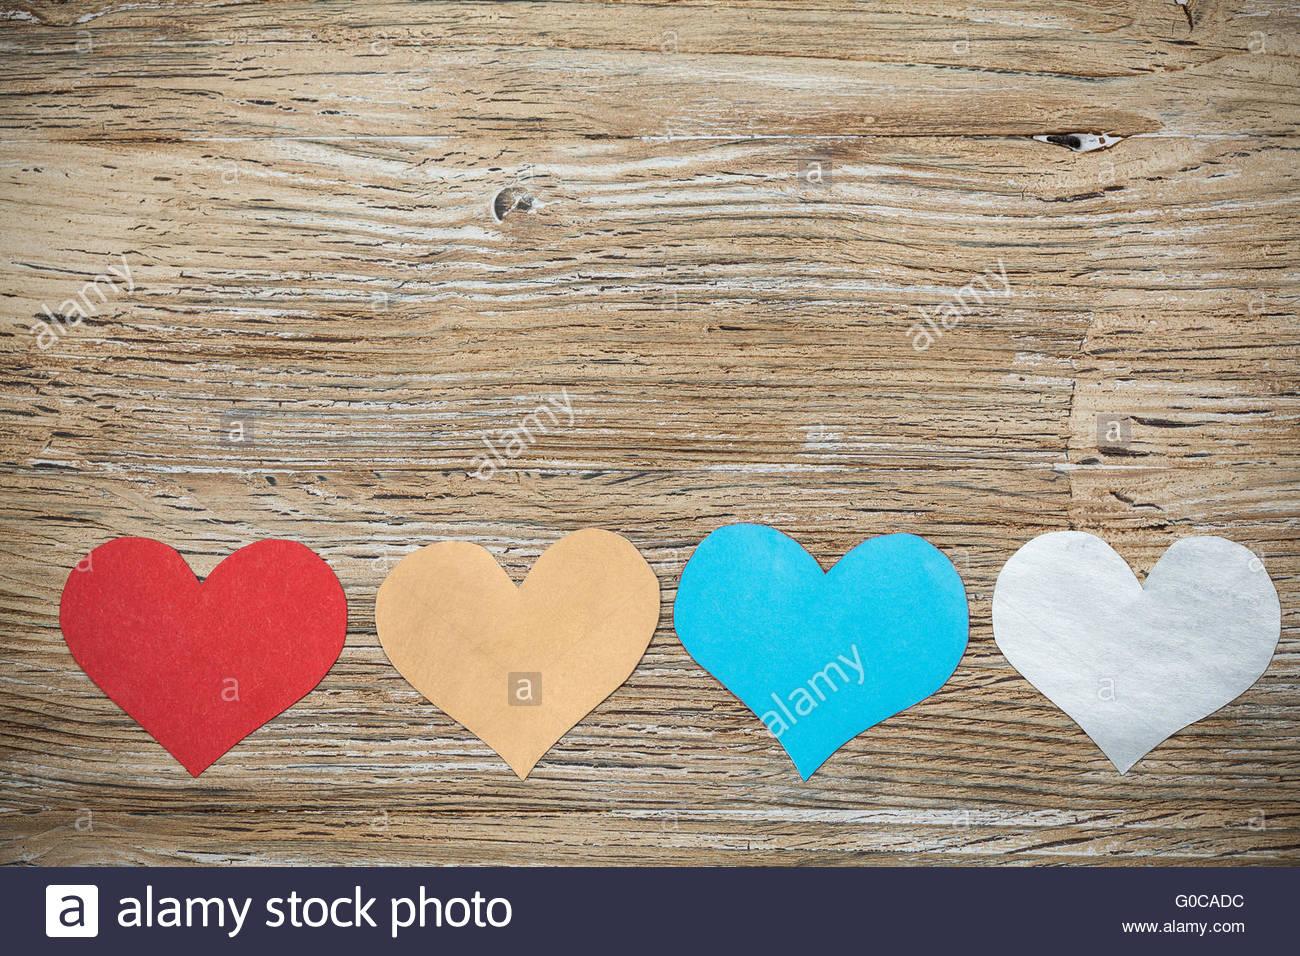 Bunte Papierherzen auf Holz Hintergrund Stockbild